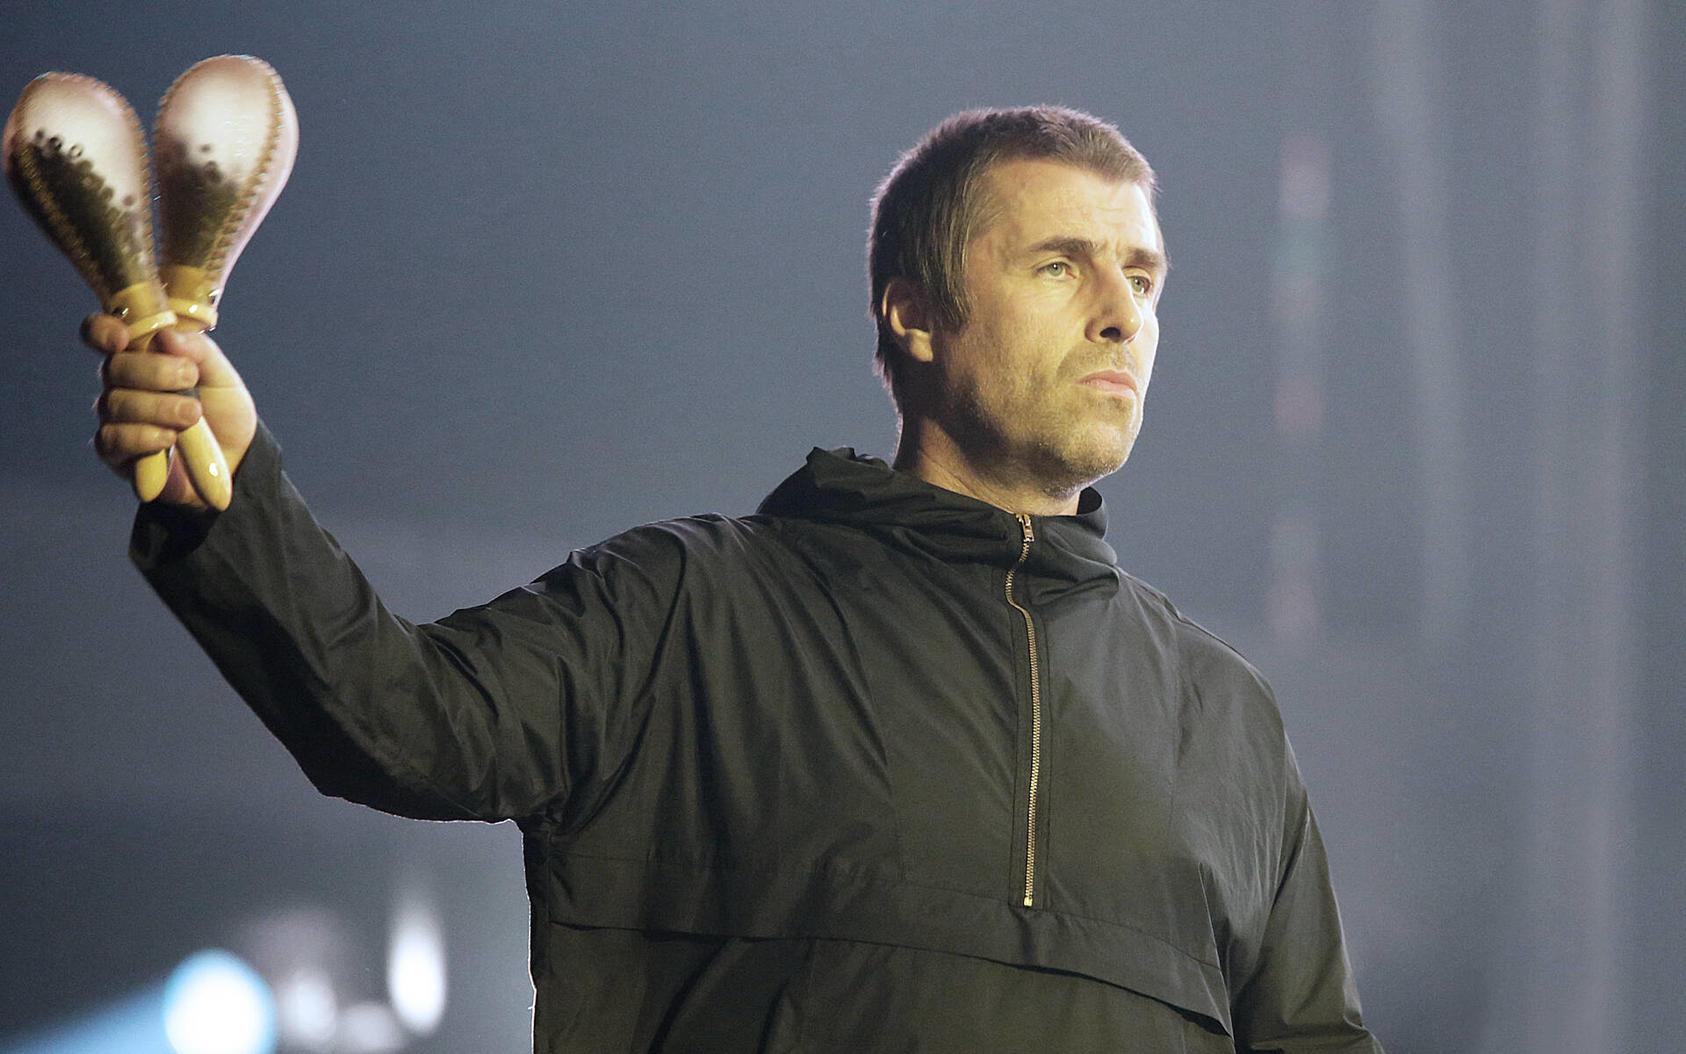 Liam Gallagher ist nach Oasis jetzt solo unterwegs